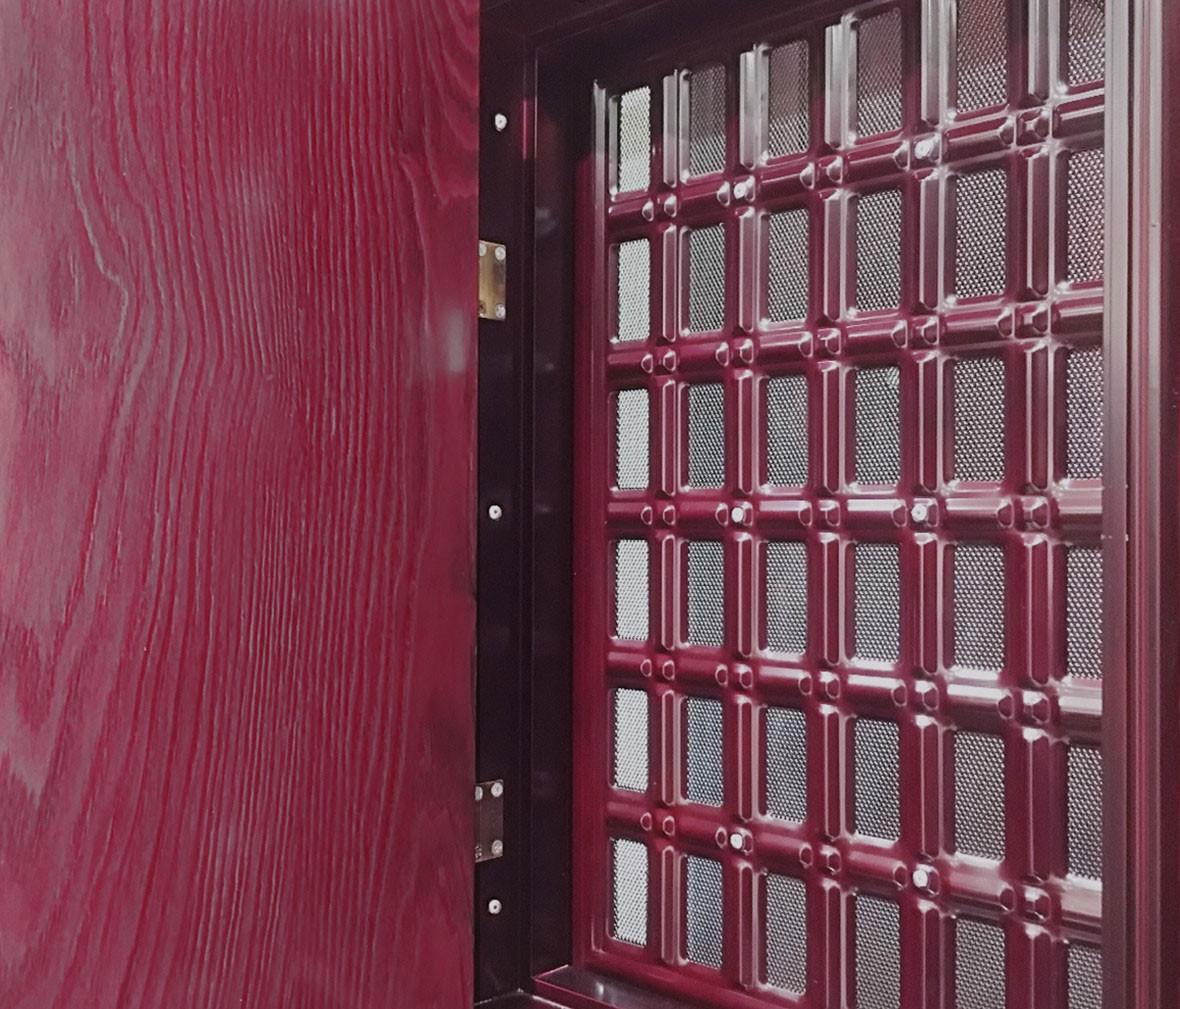 振生防盗门 ZL201型号防盗门 钢板材质入户安全门 图片、价格、品牌、评测样样齐全!【蓝景商城正品行货,蓝景丽家大钟寺家居广场提货,北京地区配送,领券更优惠,线上线下同品同价,立即购买享受更多优惠哦!】